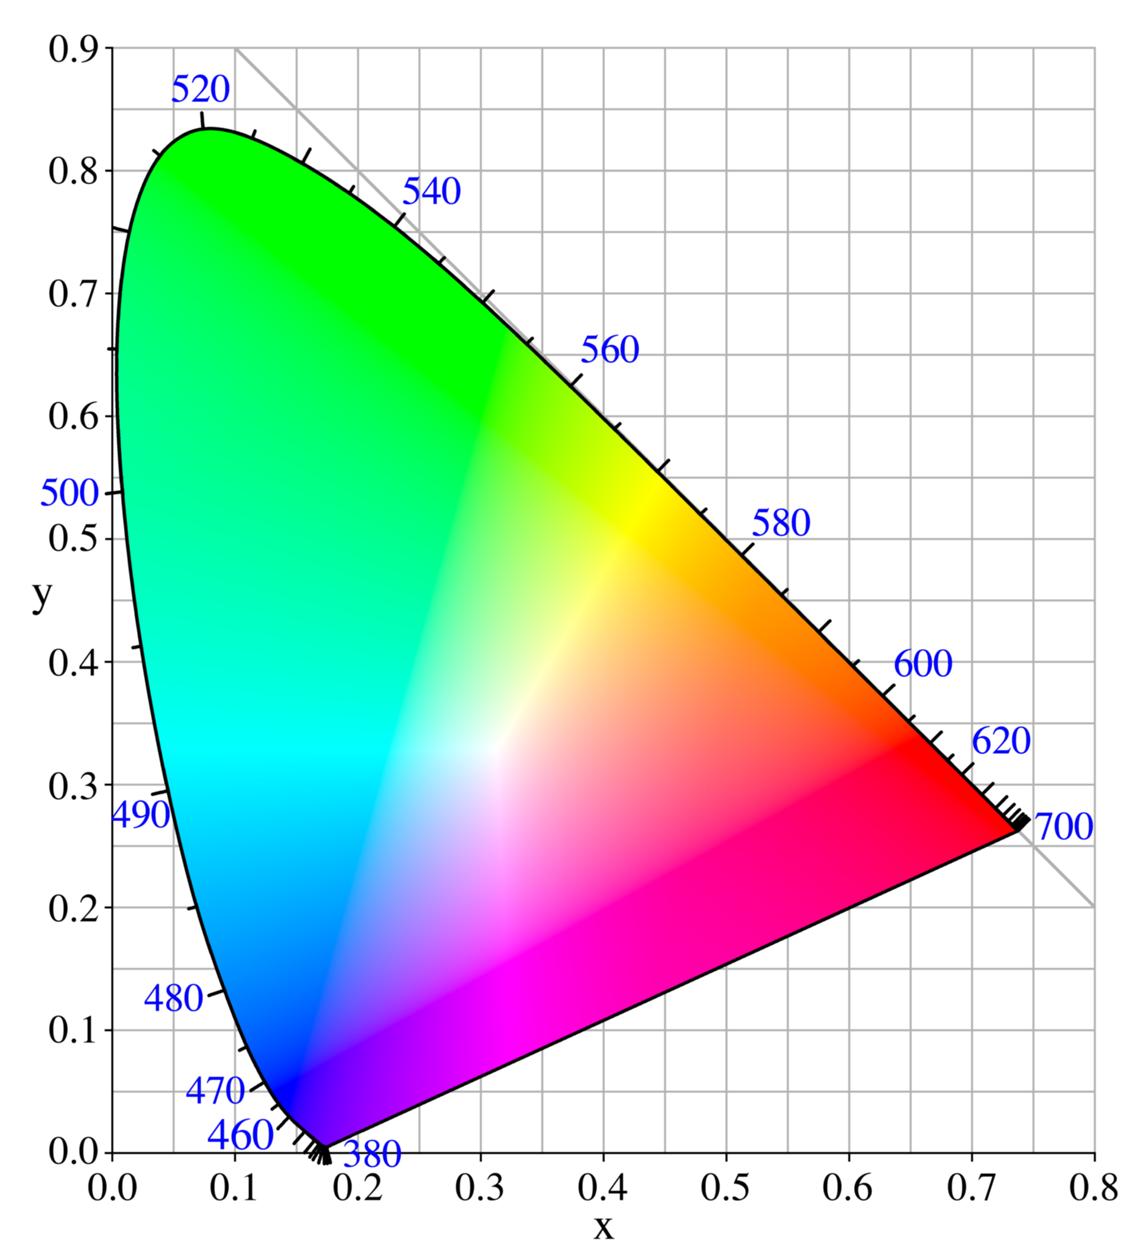 CIE 1931 XYZ color space